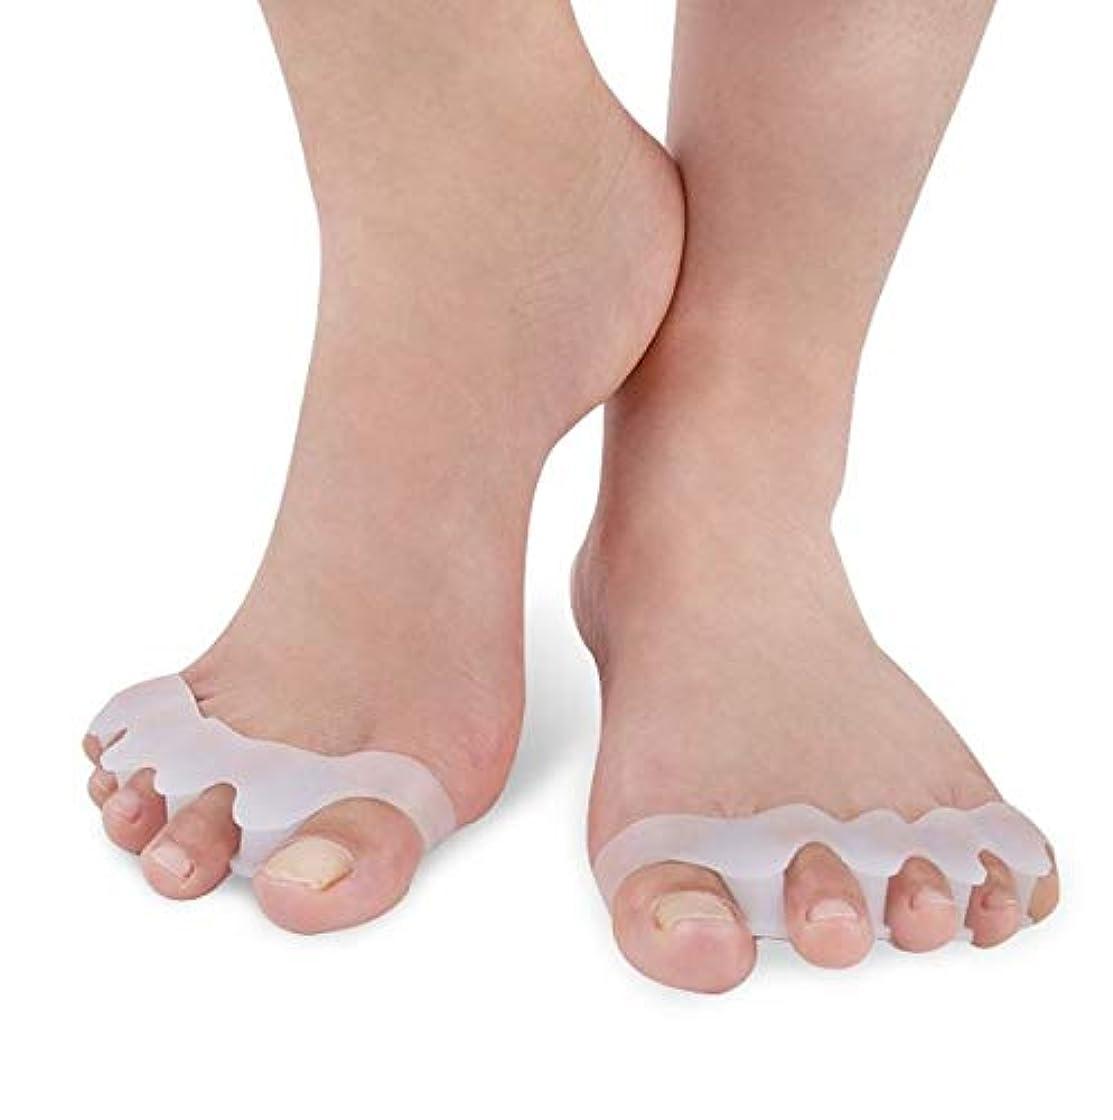 シルエット胚裂け目JMARS (ジェイマーズ) 日本人女性用 足指サポーター 柔らかシリコン製 水洗い対応可能品